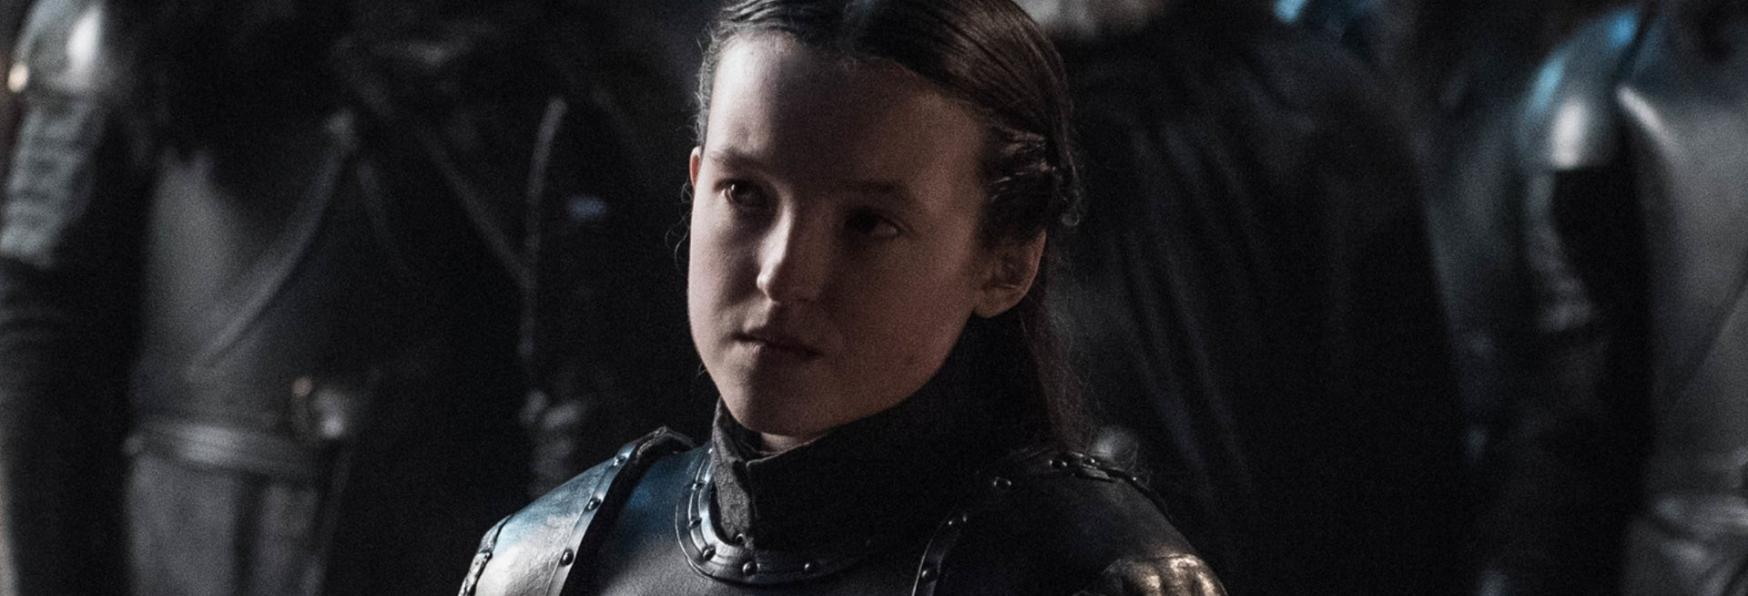 The Last of Us: una star di Game of Thrones nel Cast della nuova Serie TV di HBO